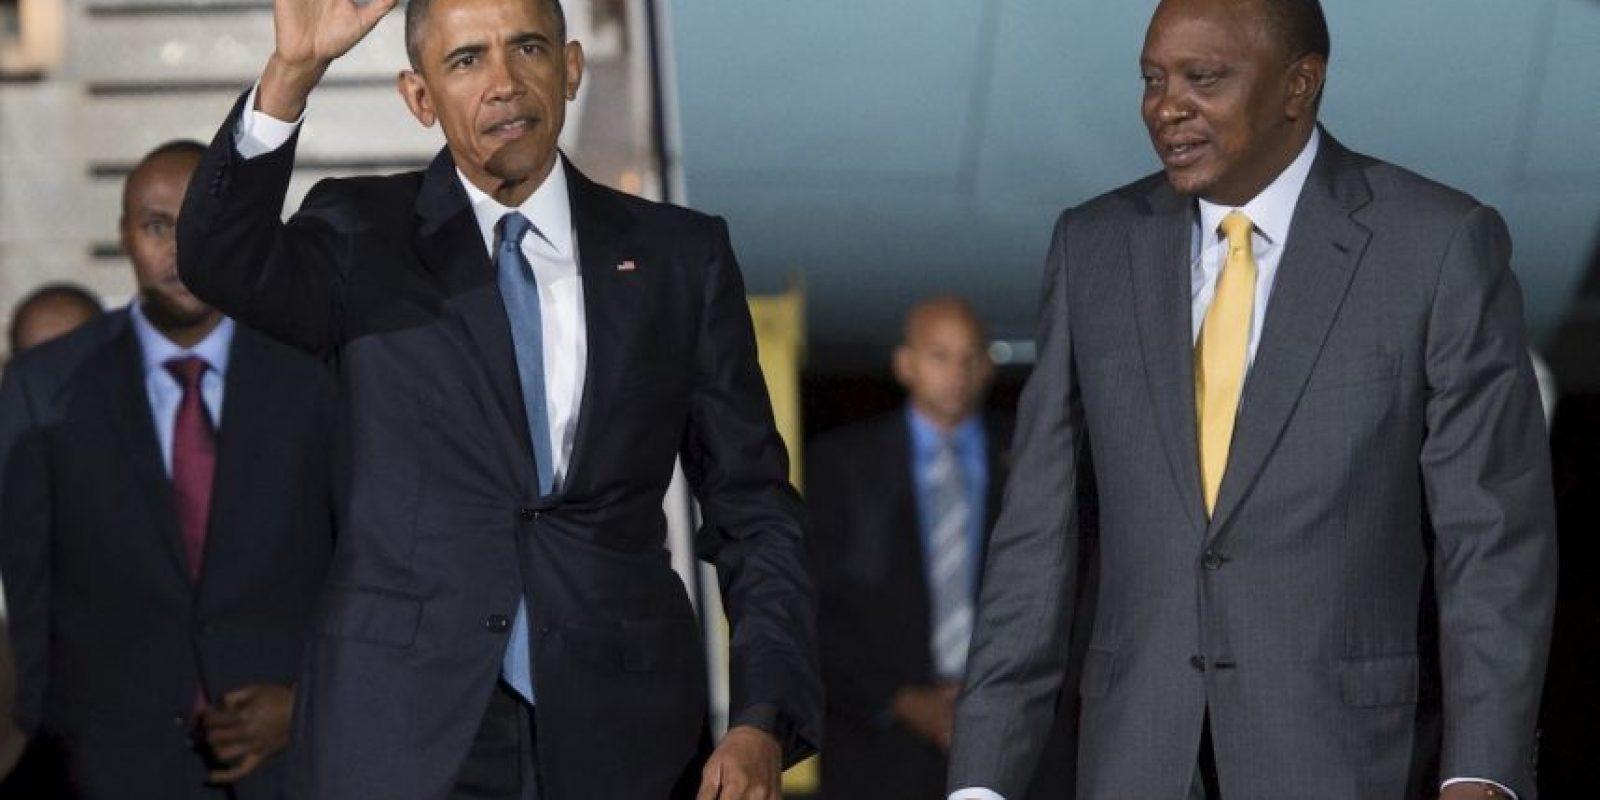 El presidente Barack Obama y el presidente de Kenia, Uhuru Kenyatta. Foto:AFP